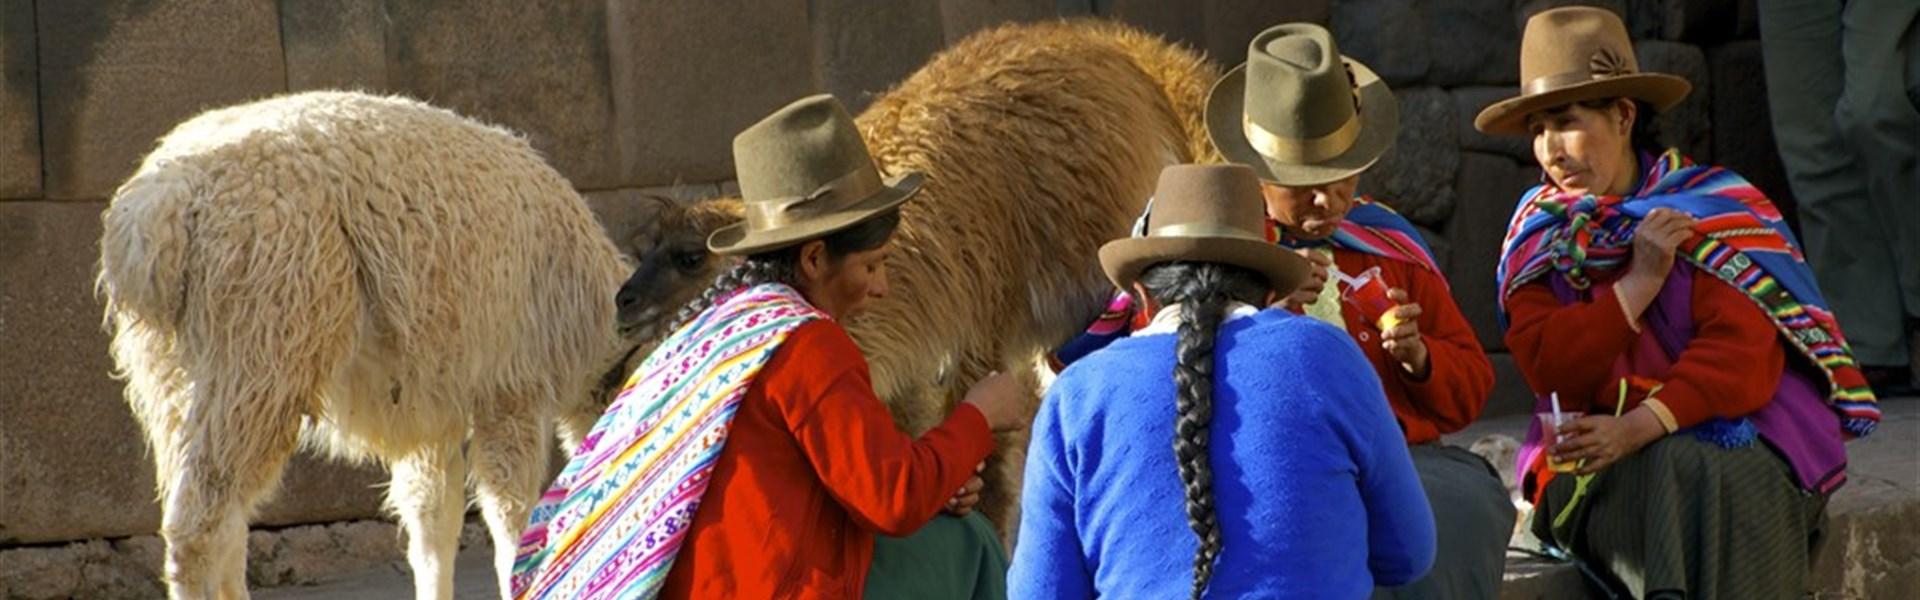 Velká cesta po Peru s Amazonií a Chachapoyas -